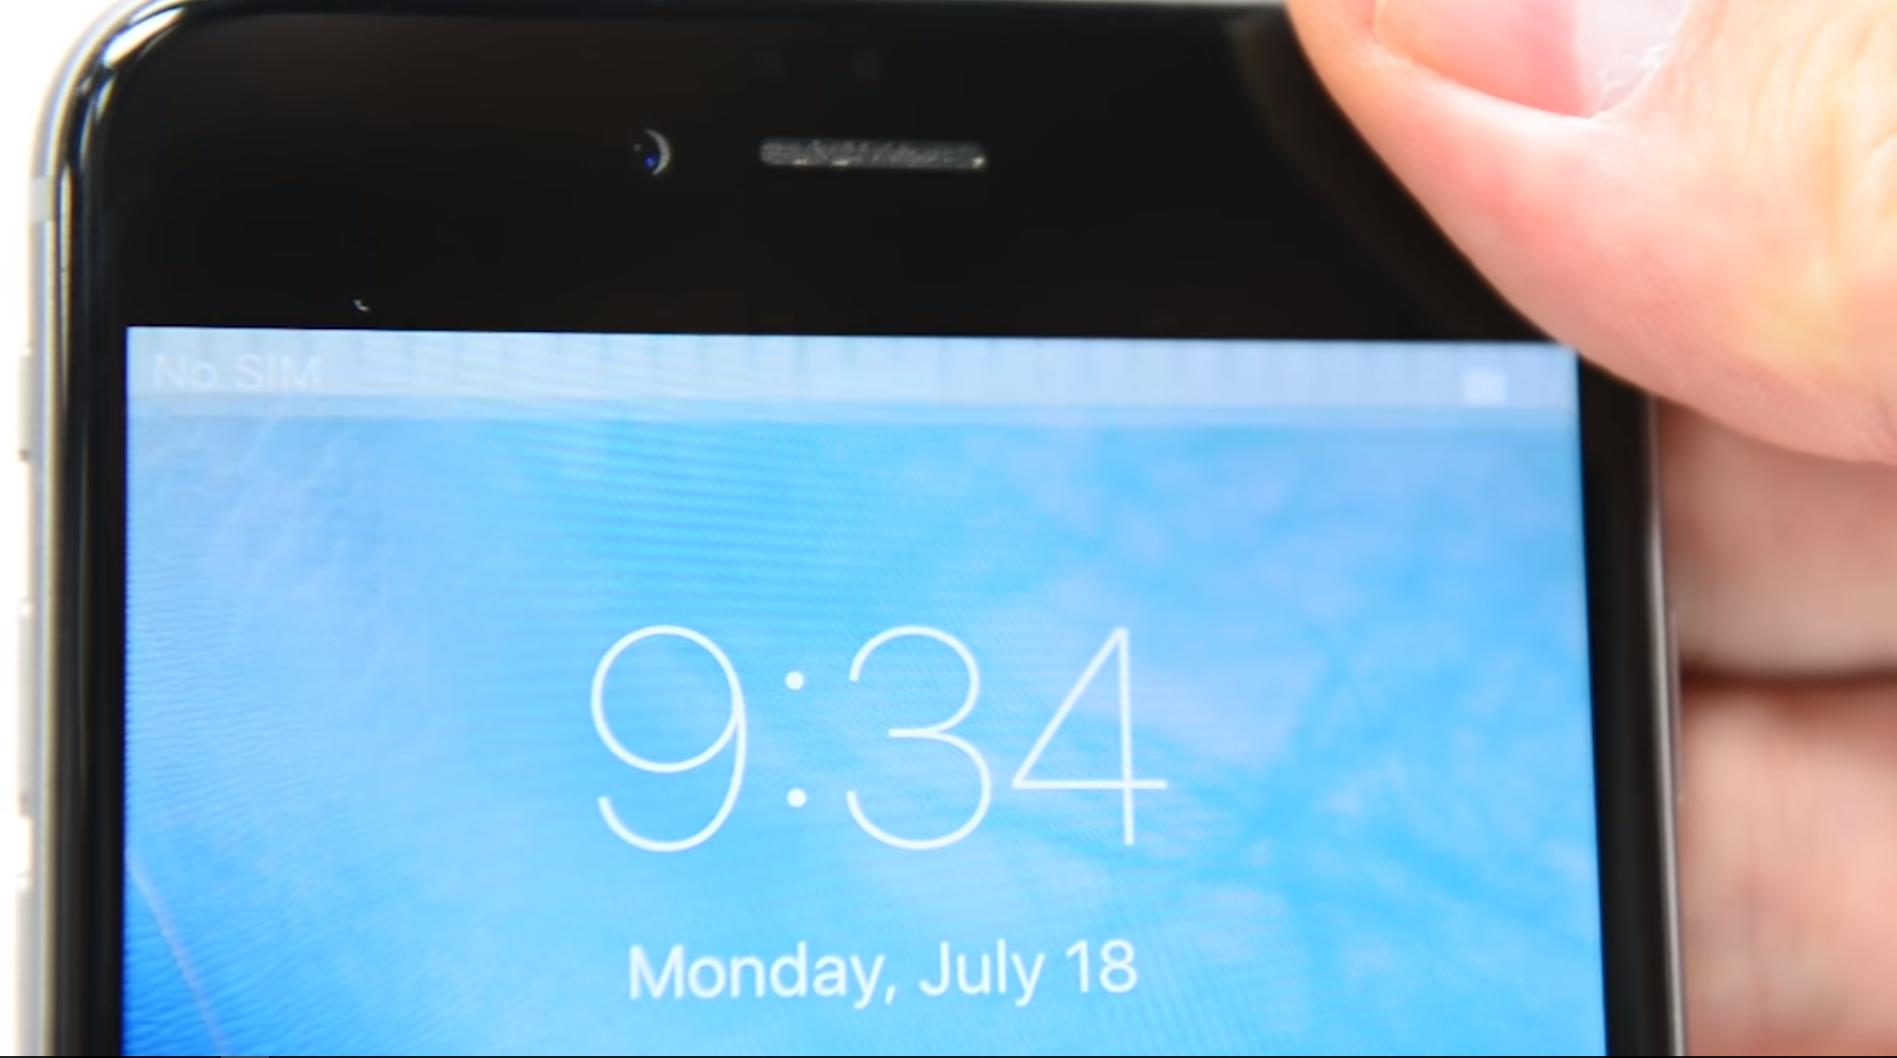 Nouveau bug sur les iPhone 6 et 6 Plus détecté